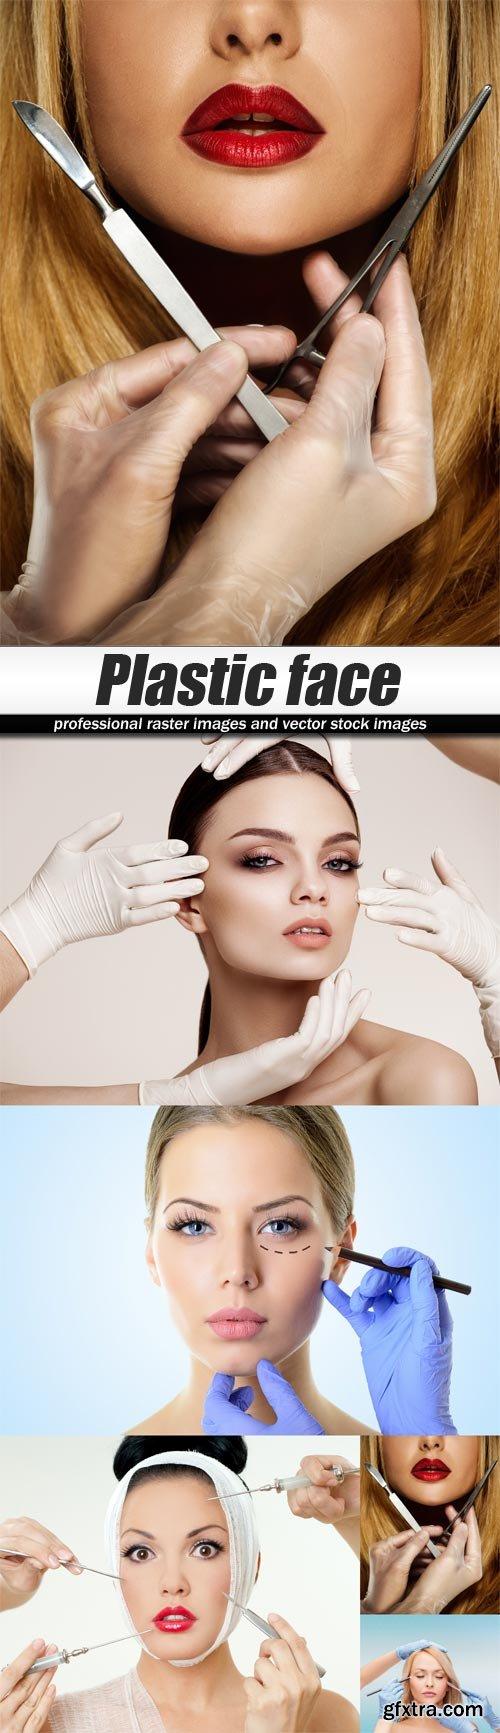 Plastic face